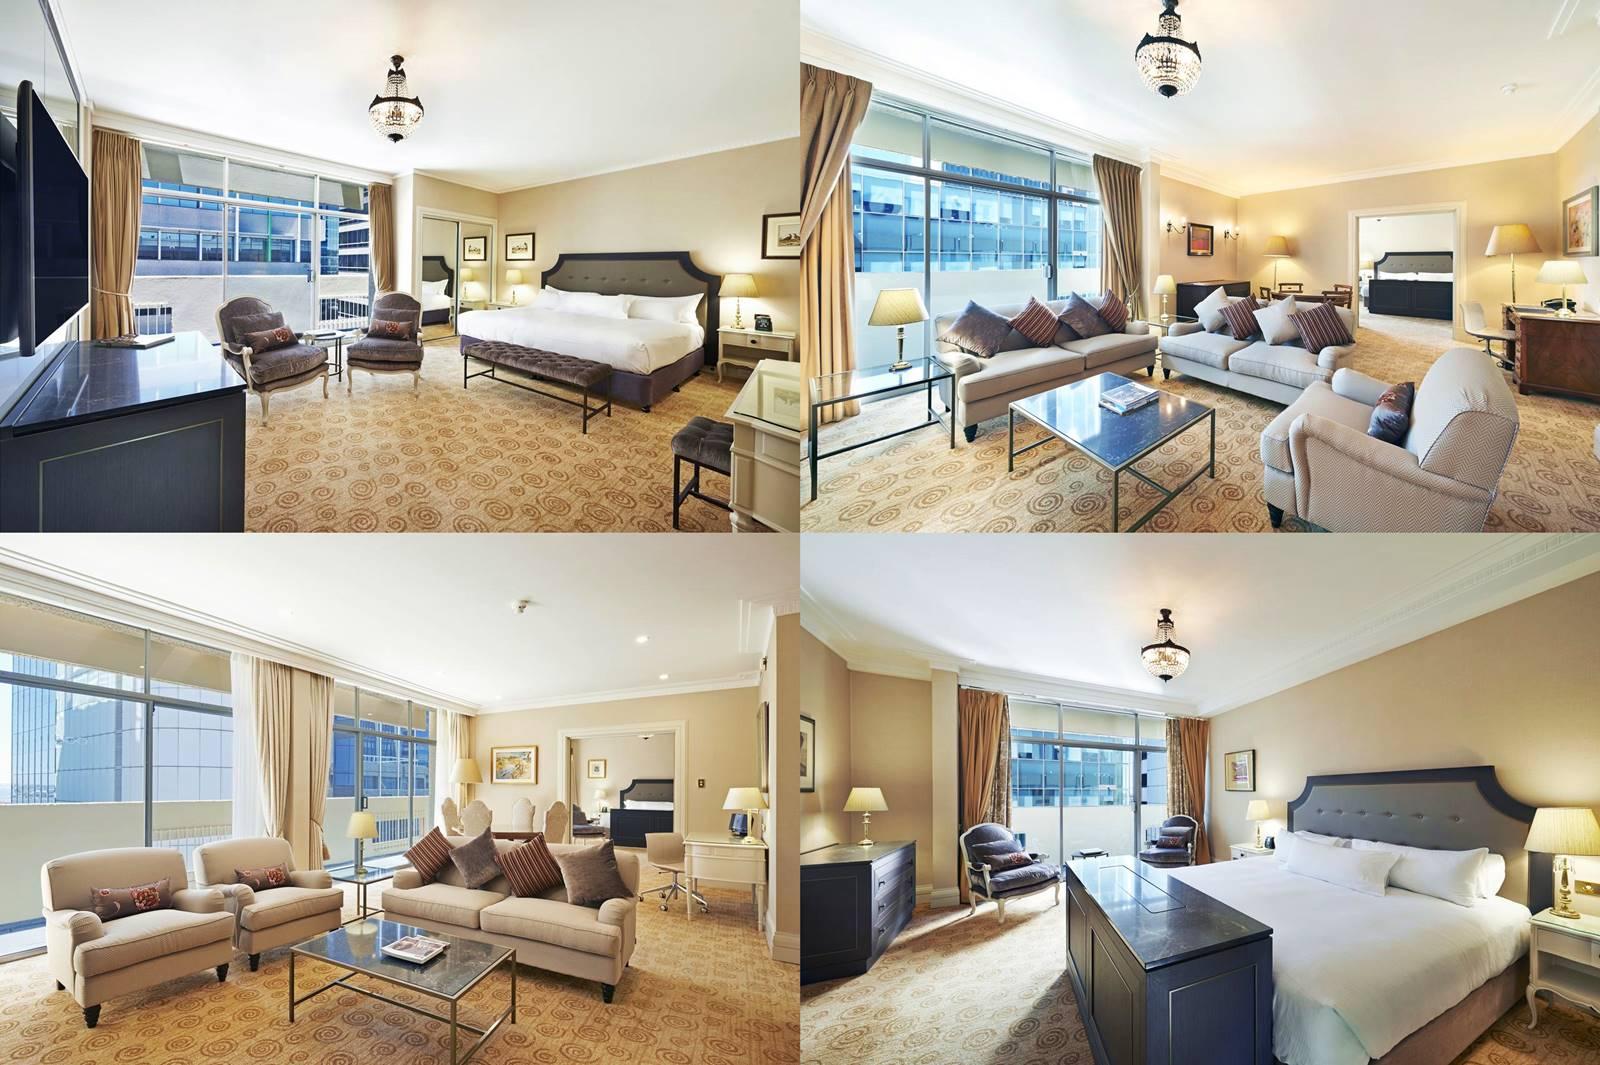 伯斯-市區-住宿-推薦-飯店-旅館-民宿-酒店-公寓-珀斯帕米利希爾頓酒店-Parmelia Hilton Perth-便宜-CP值-自由行-觀光-旅遊-Perth-hotel